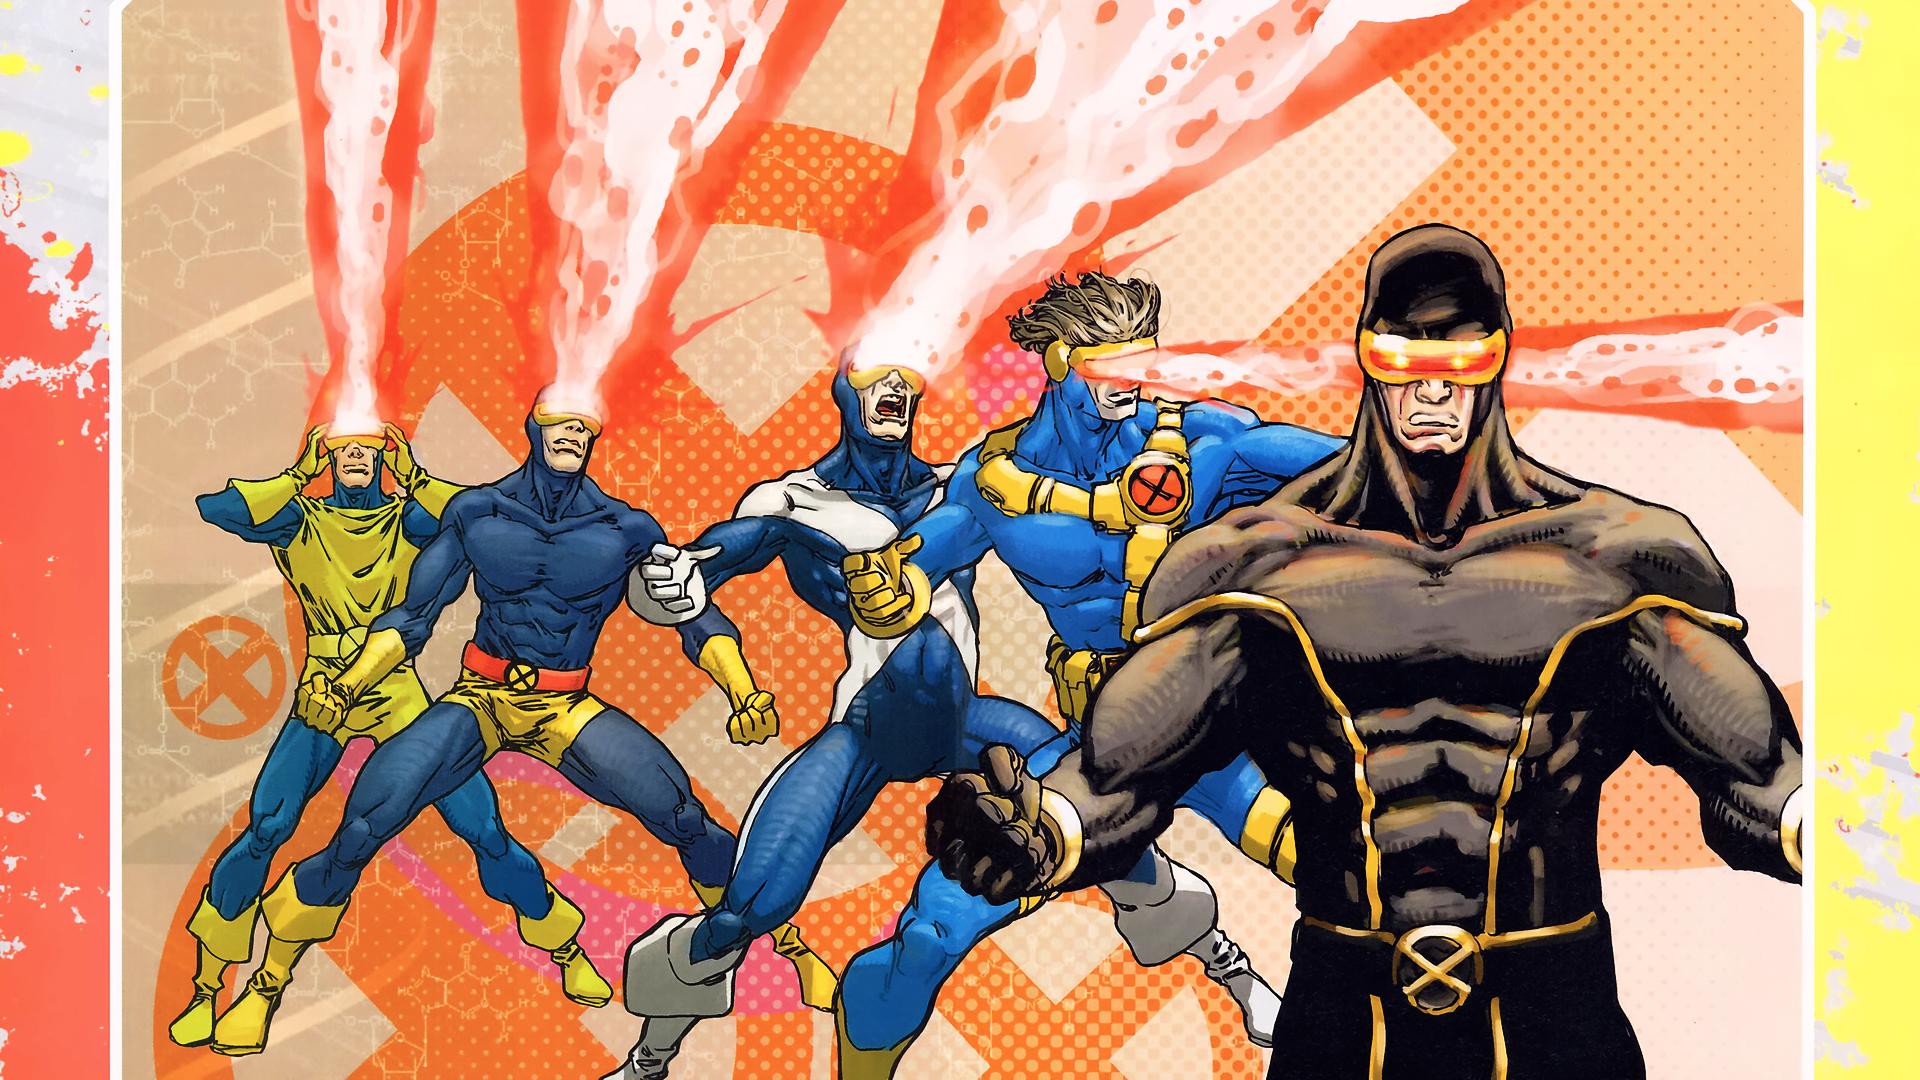 Comics X-Men Marvel Comics Cyclops wallpaper   1920x1080 ...X Men Cyclops Comic